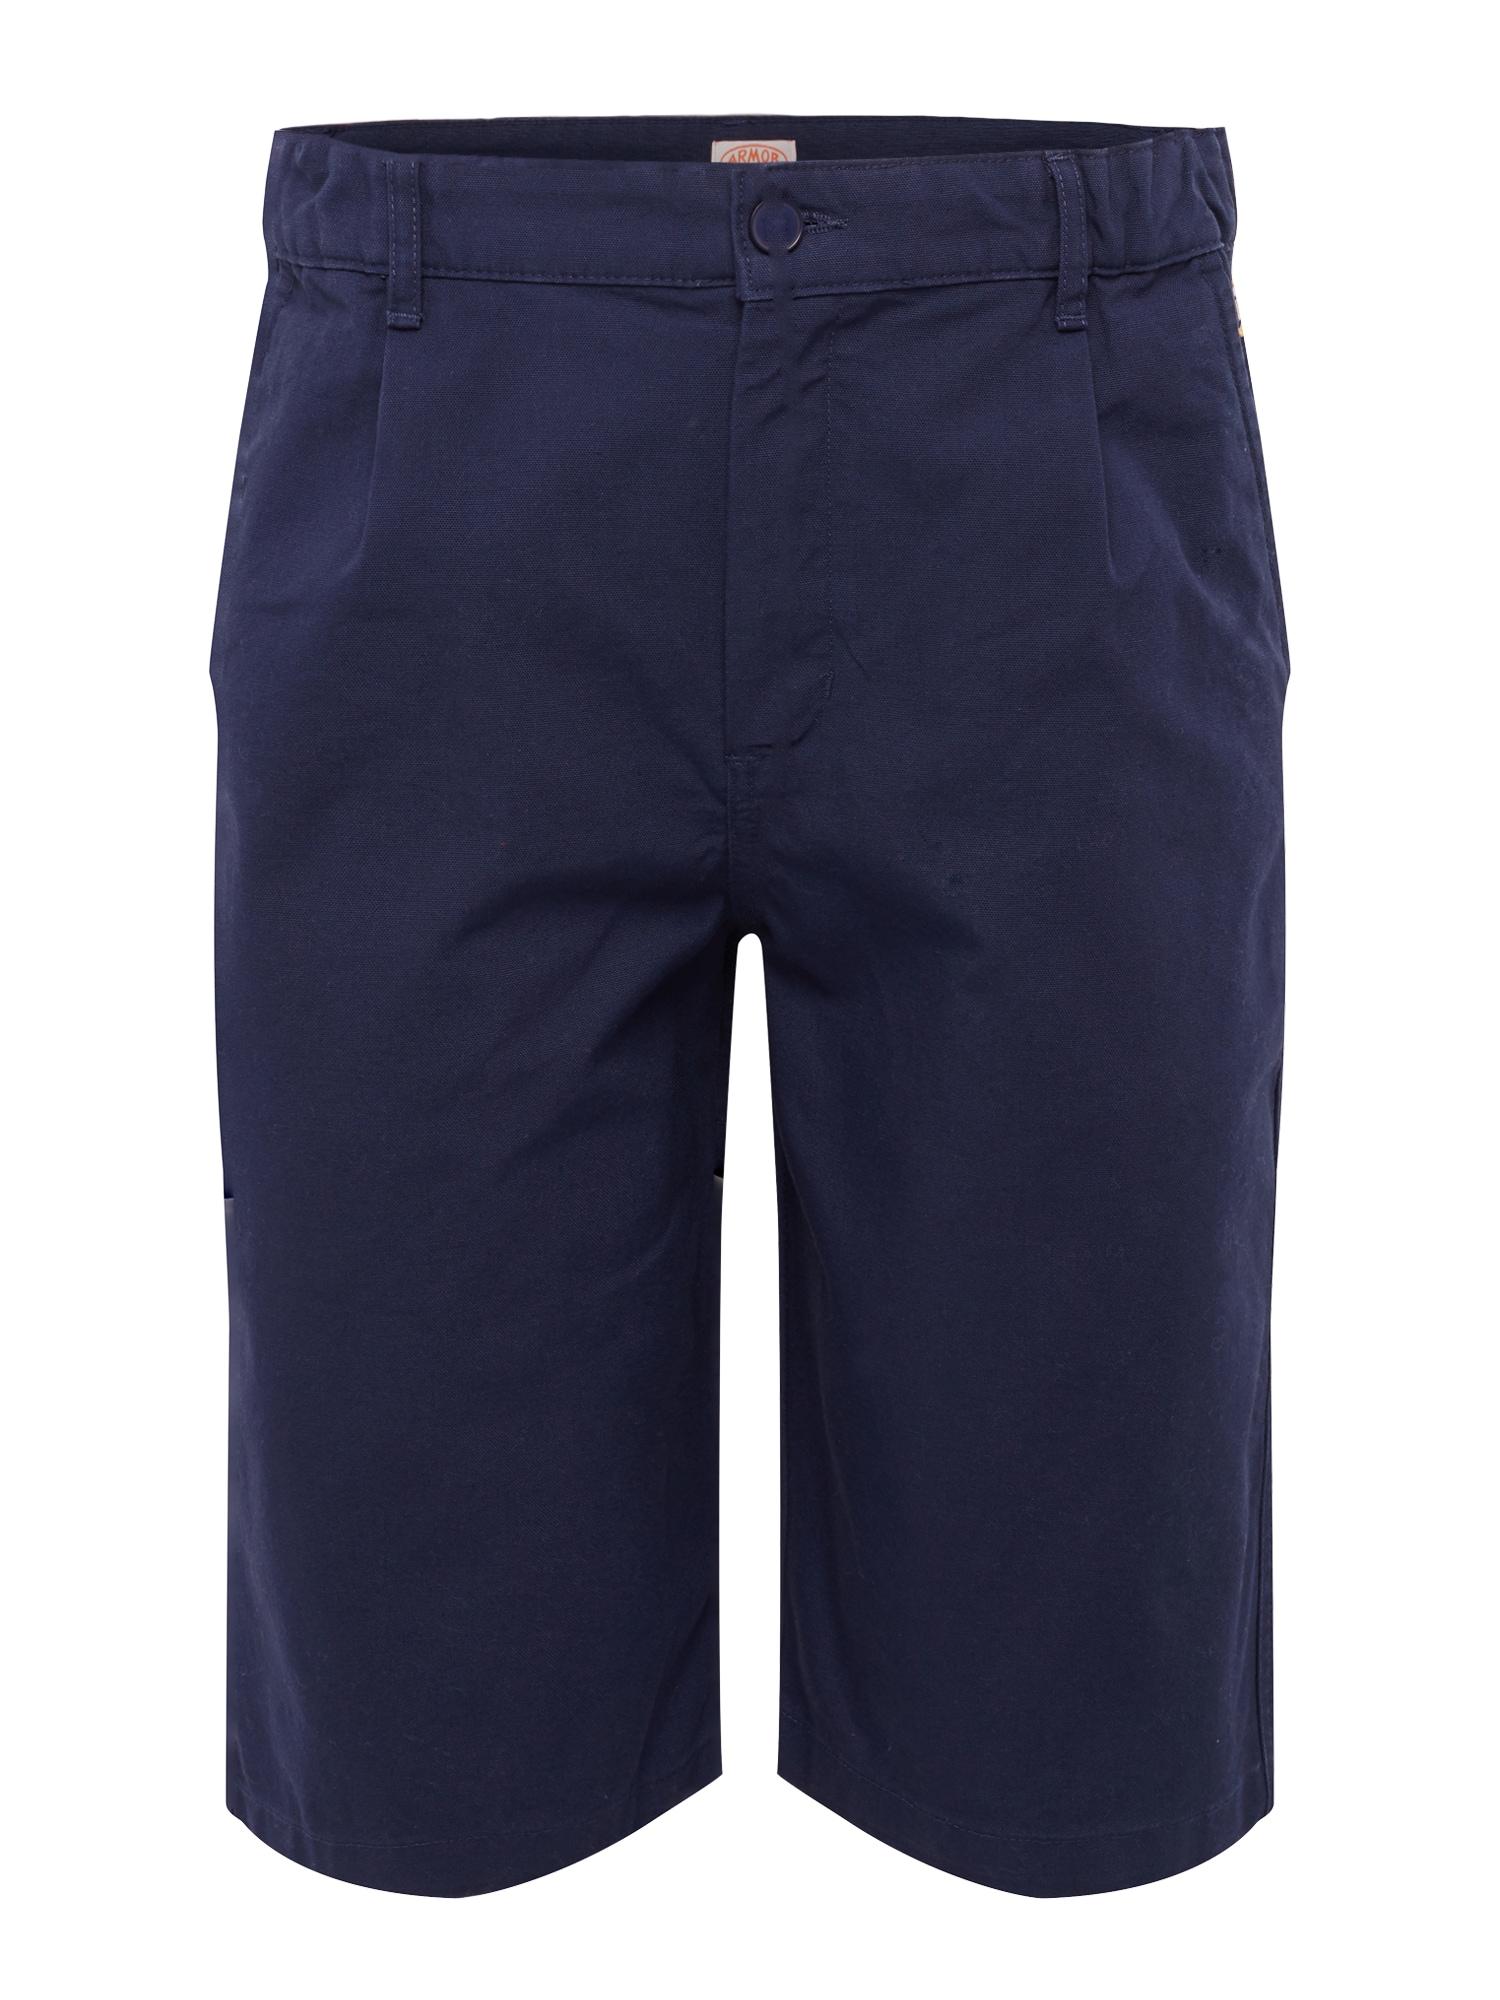 Kalhoty se sklady v pase Bermuda námořnická modř Armor Lux